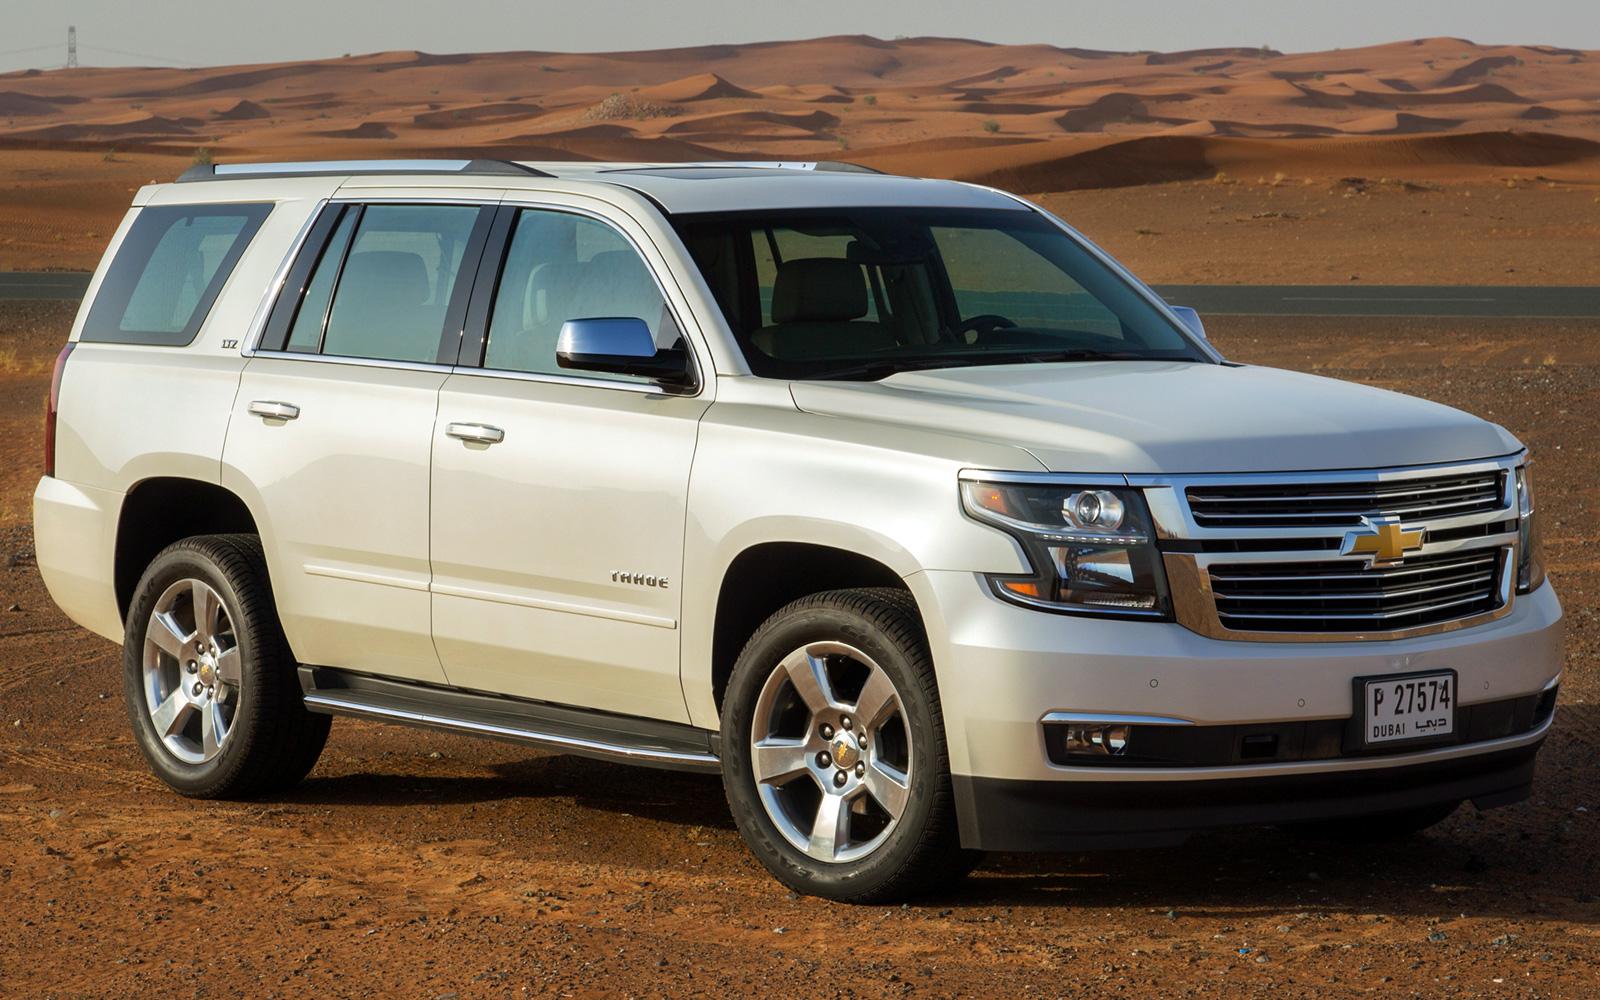 Chevrolet Tahoe (2017-2018) цена и характеристики, фотографии и обзор